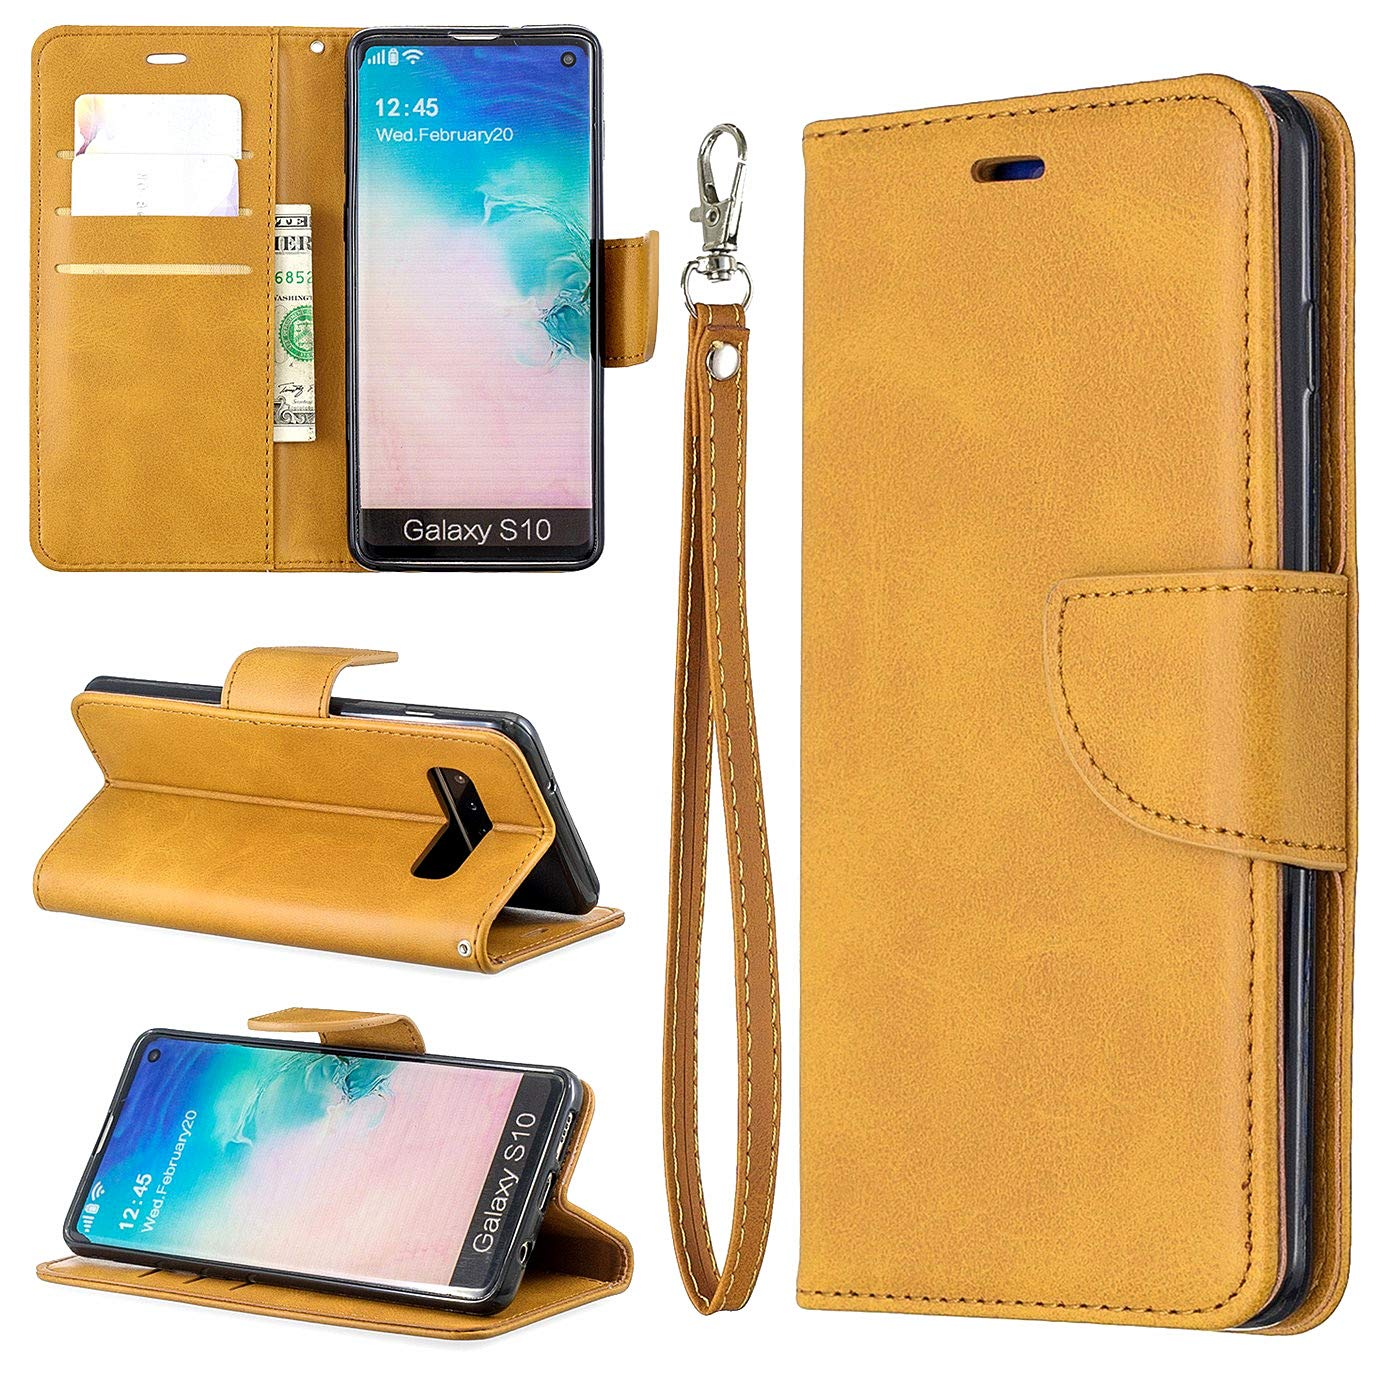 Schutzh/ülle Handyh/ülle PU Leder Handytasche Flip Case Kunstleder Magnet Klapph/ülle Standfunktion Etui Lederh/ülle Brieftasche f/ür Samsung Galaxy S10e-Grau Dclbo H/ülle f/ür Samsung Galaxy S10e